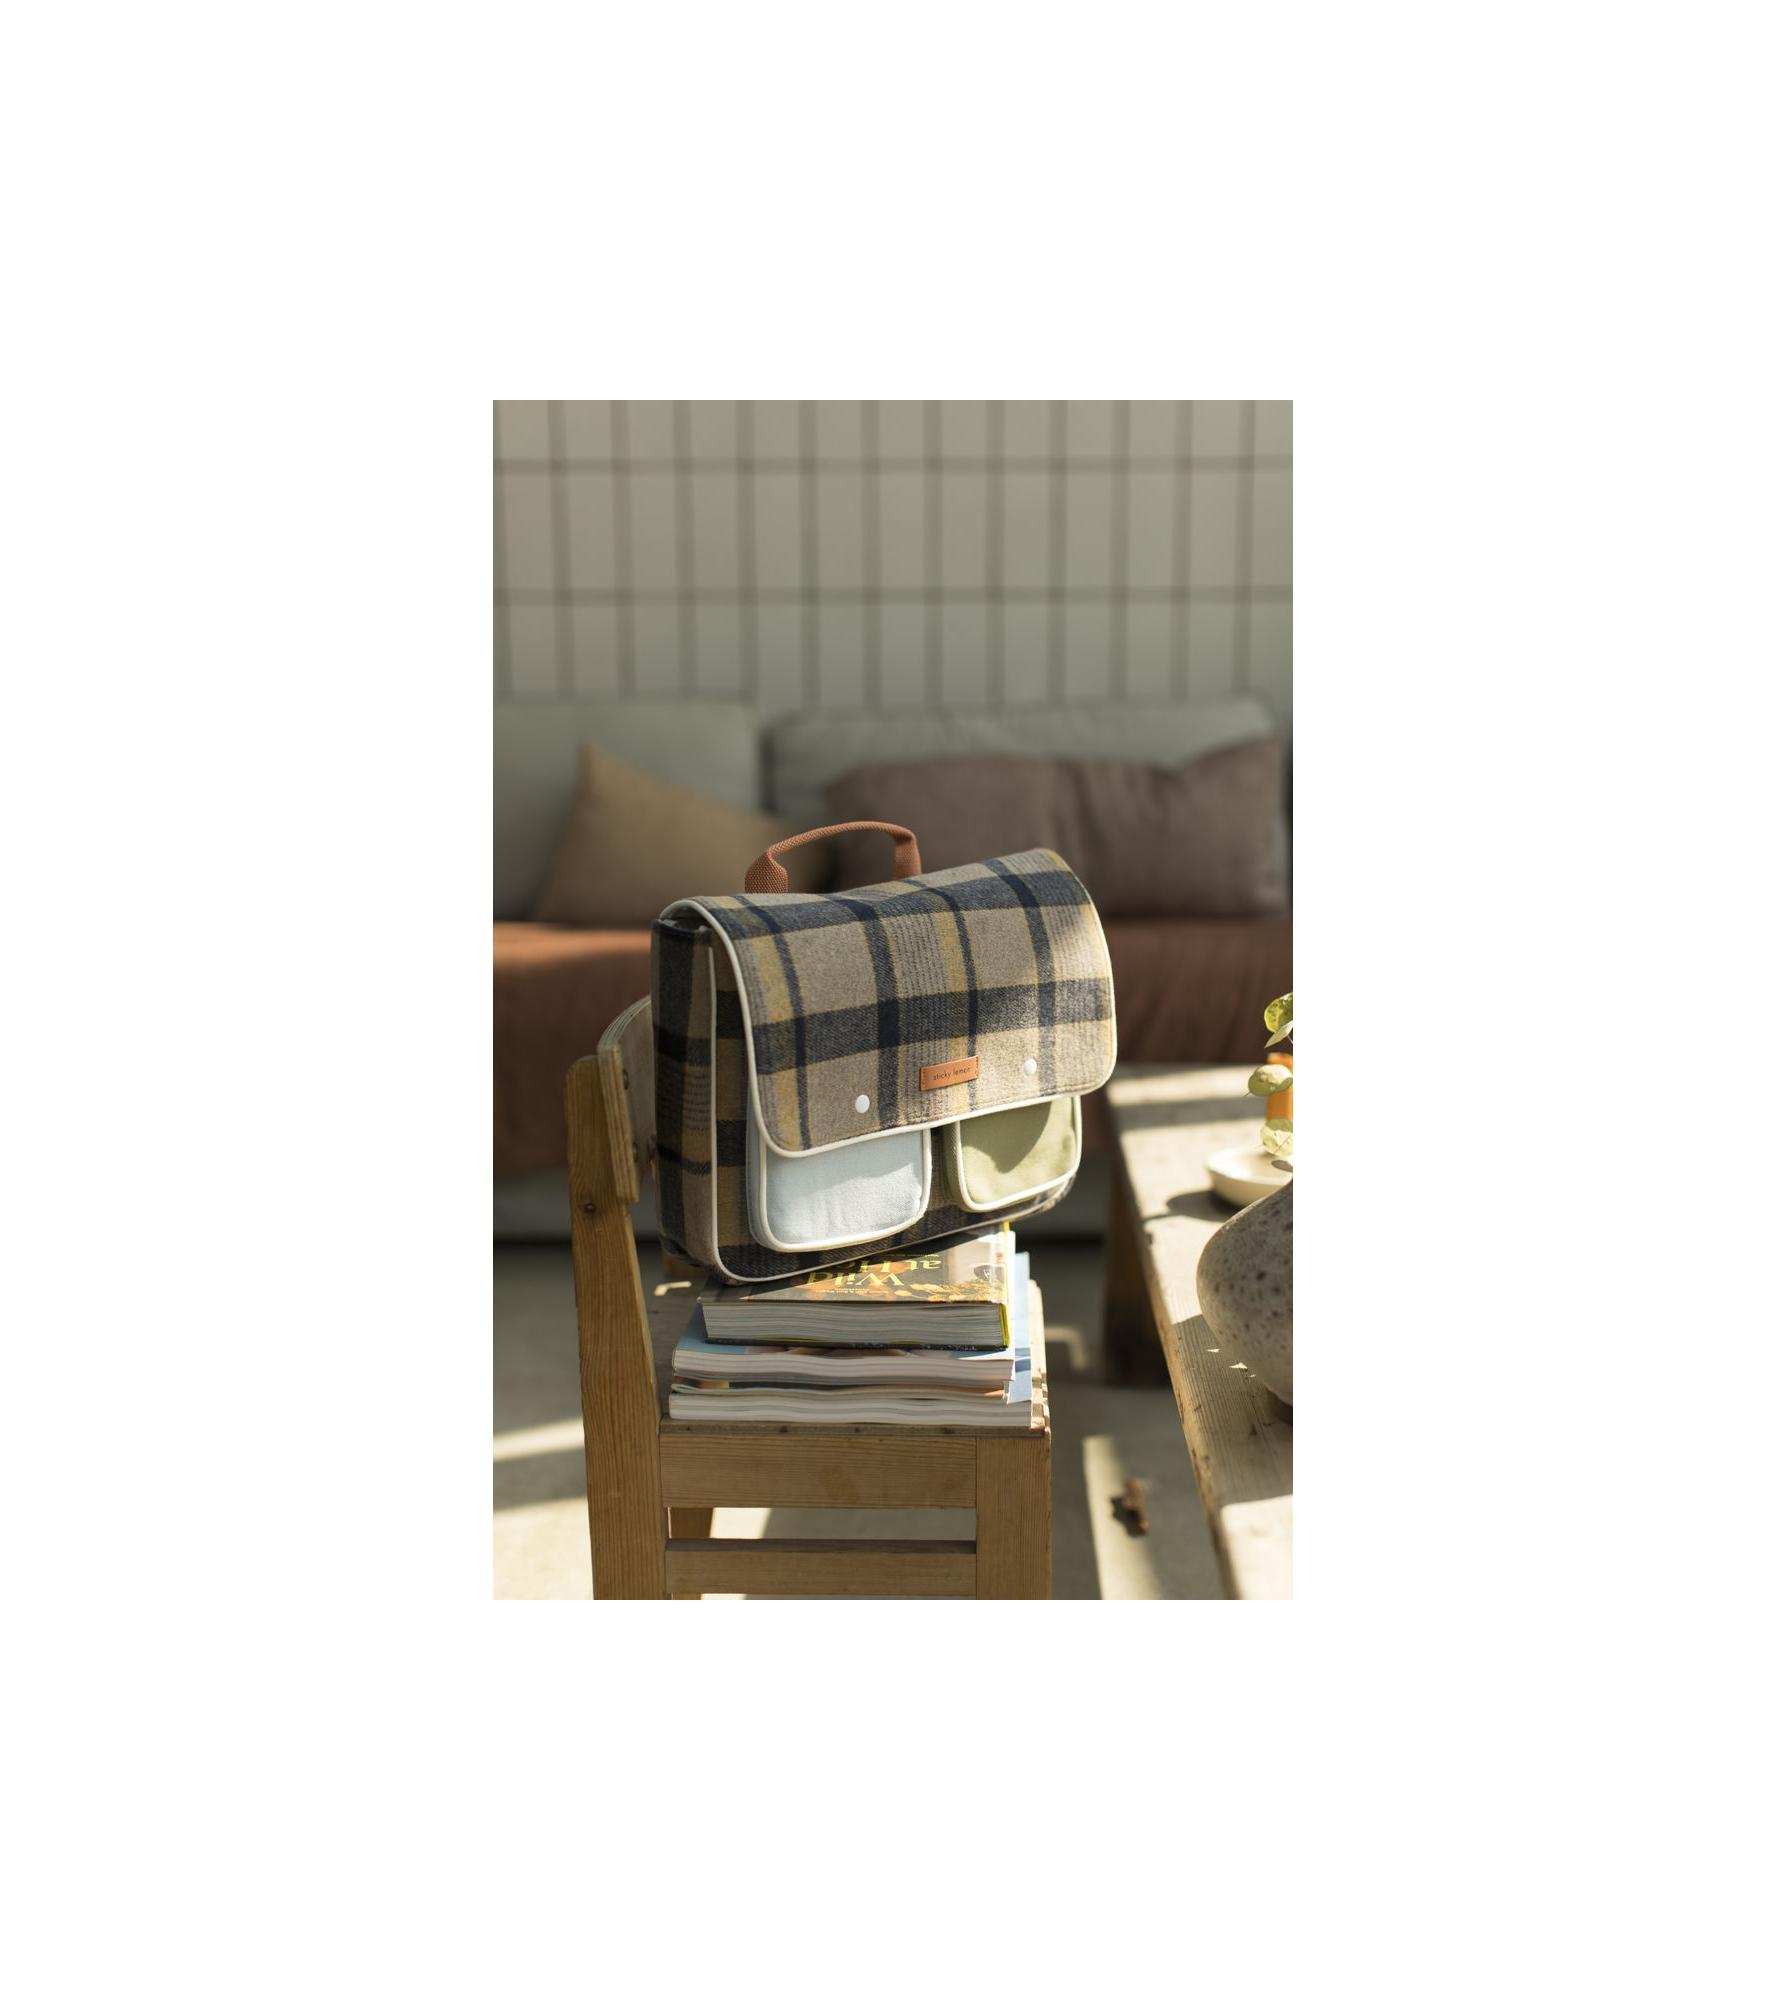 1801676 - Sticky Lemon - school bag - wanderer - sandy beige checks - style shot 01.jpg